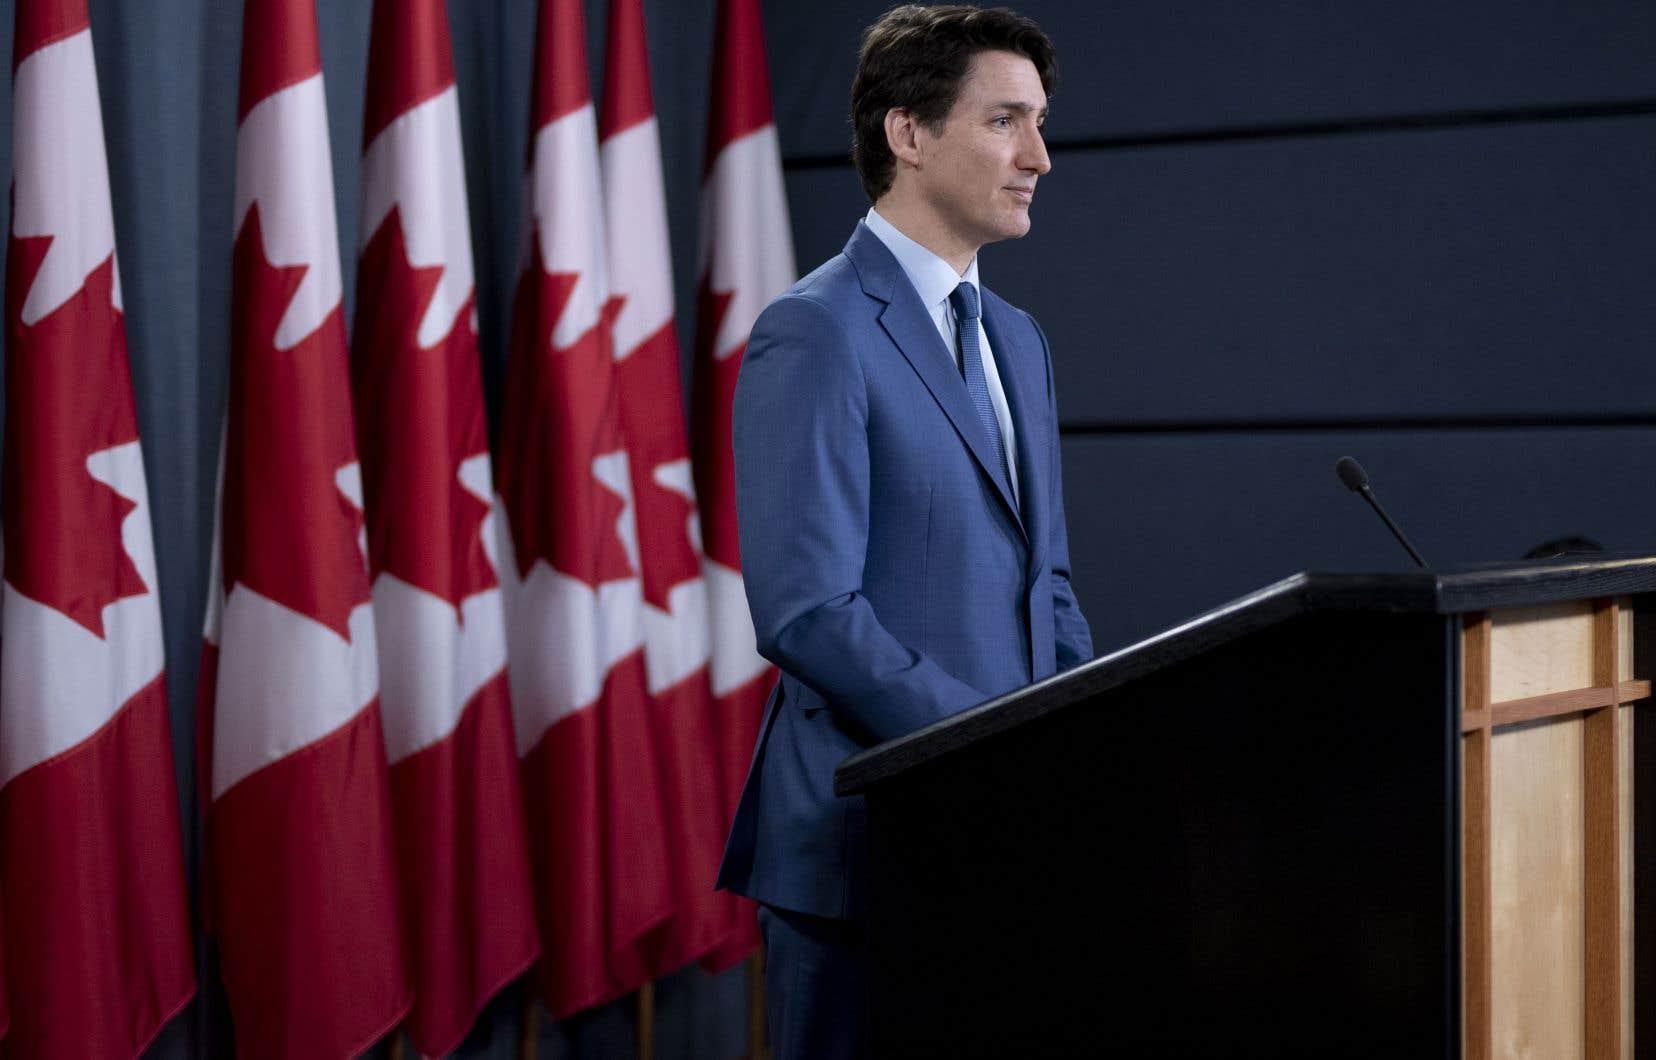 L'auteurrecommande à Justin Trudeau et à son nouveau ministre de la Justice de faire rapidement une proposition de réparation à SNC-Lavalin afin de sauvegarder les 9000 emplois au Québec et au Canada.